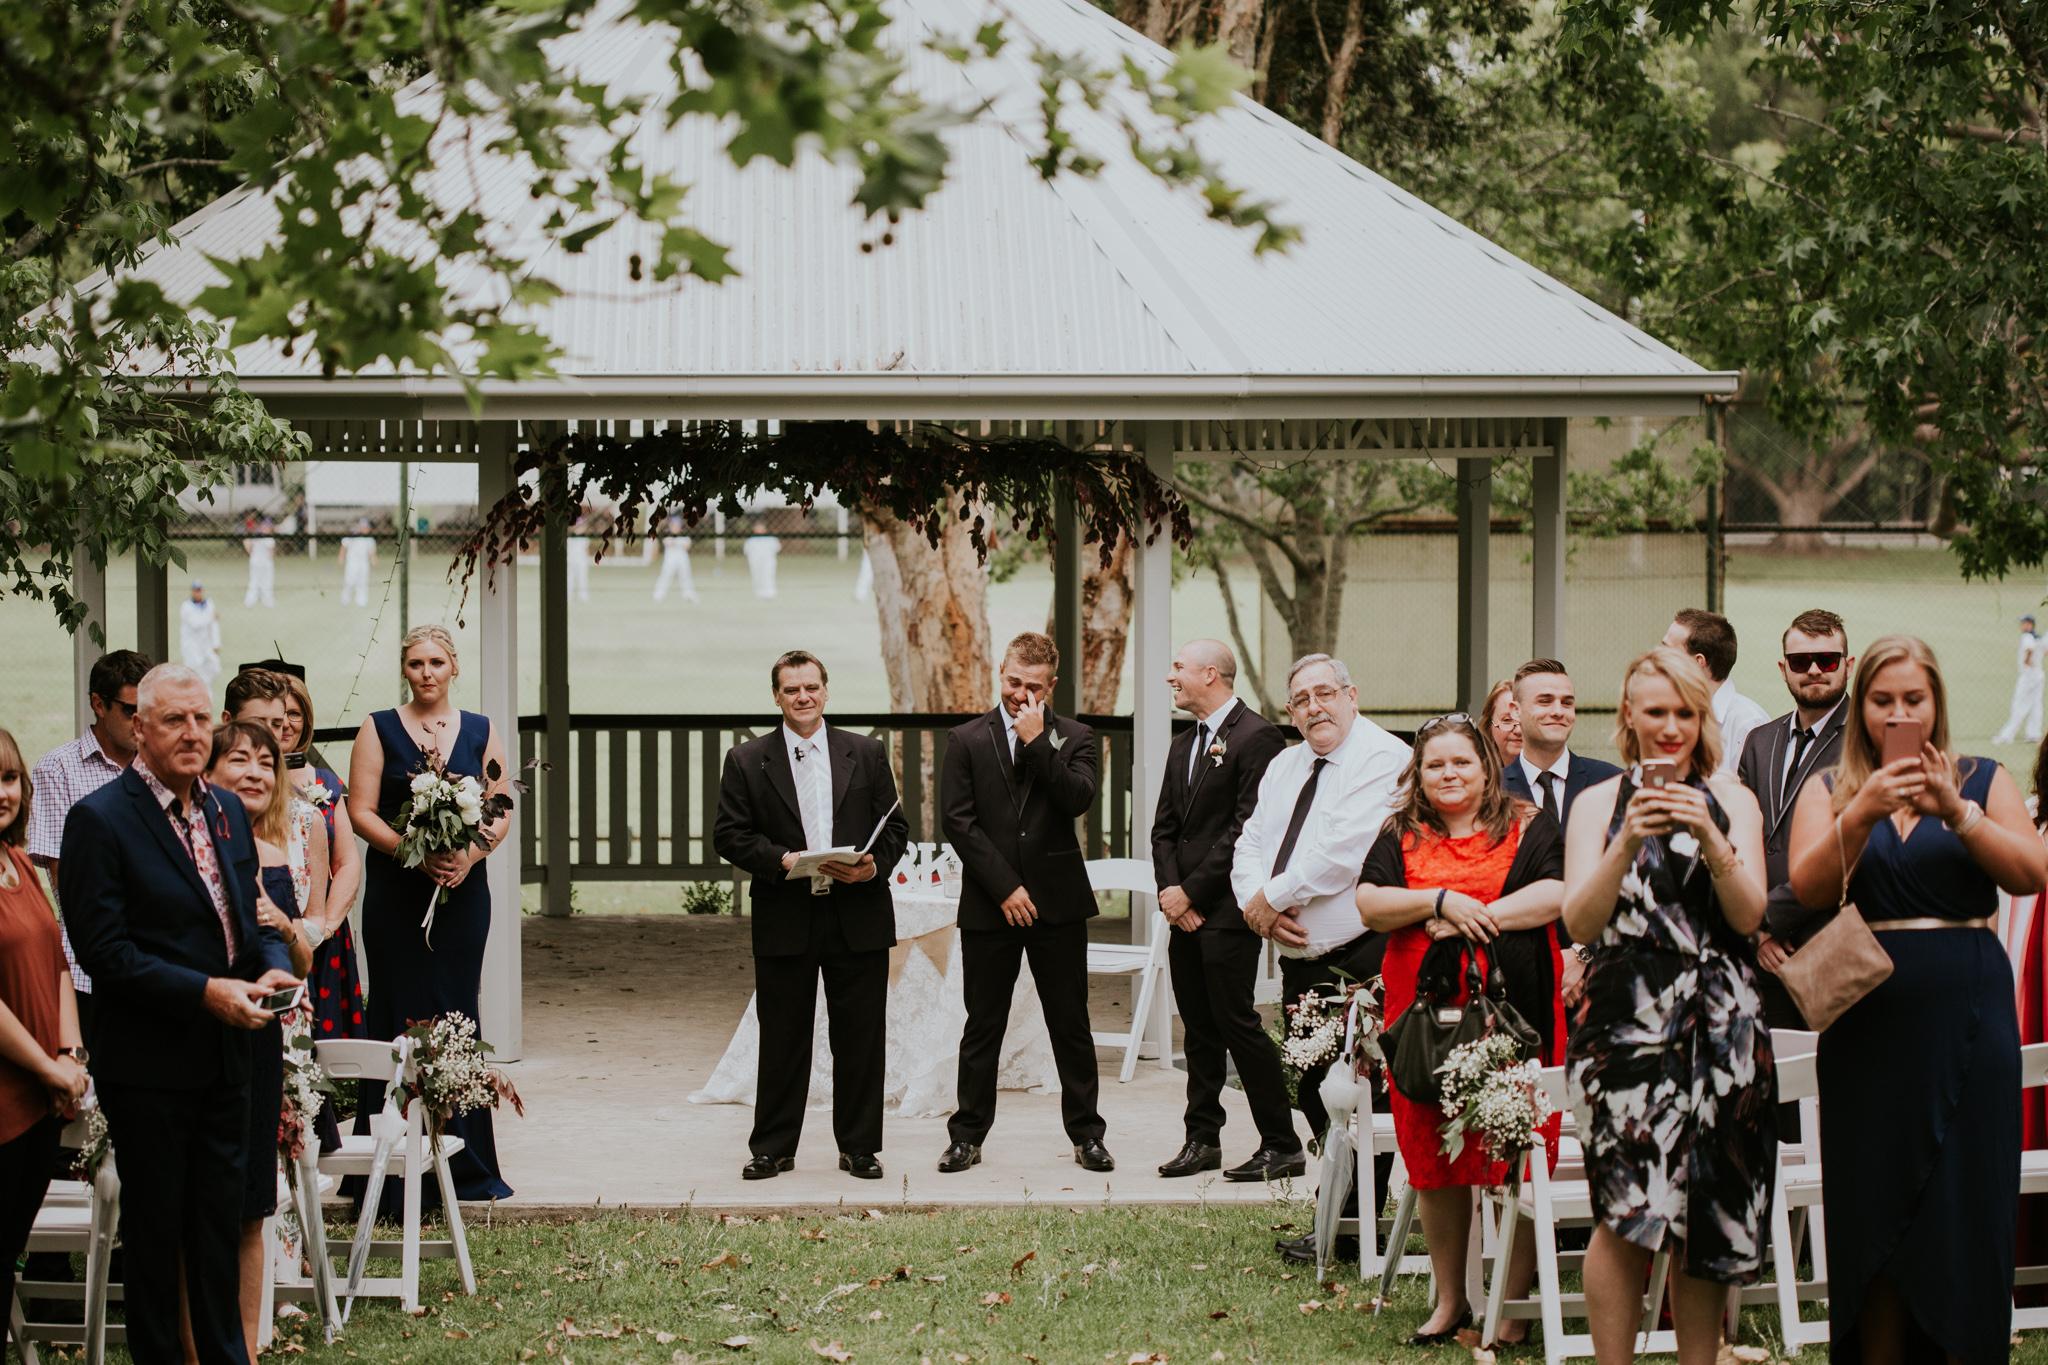 Lucy+Kyle+Kiama+Sebel+wedding-59.jpg